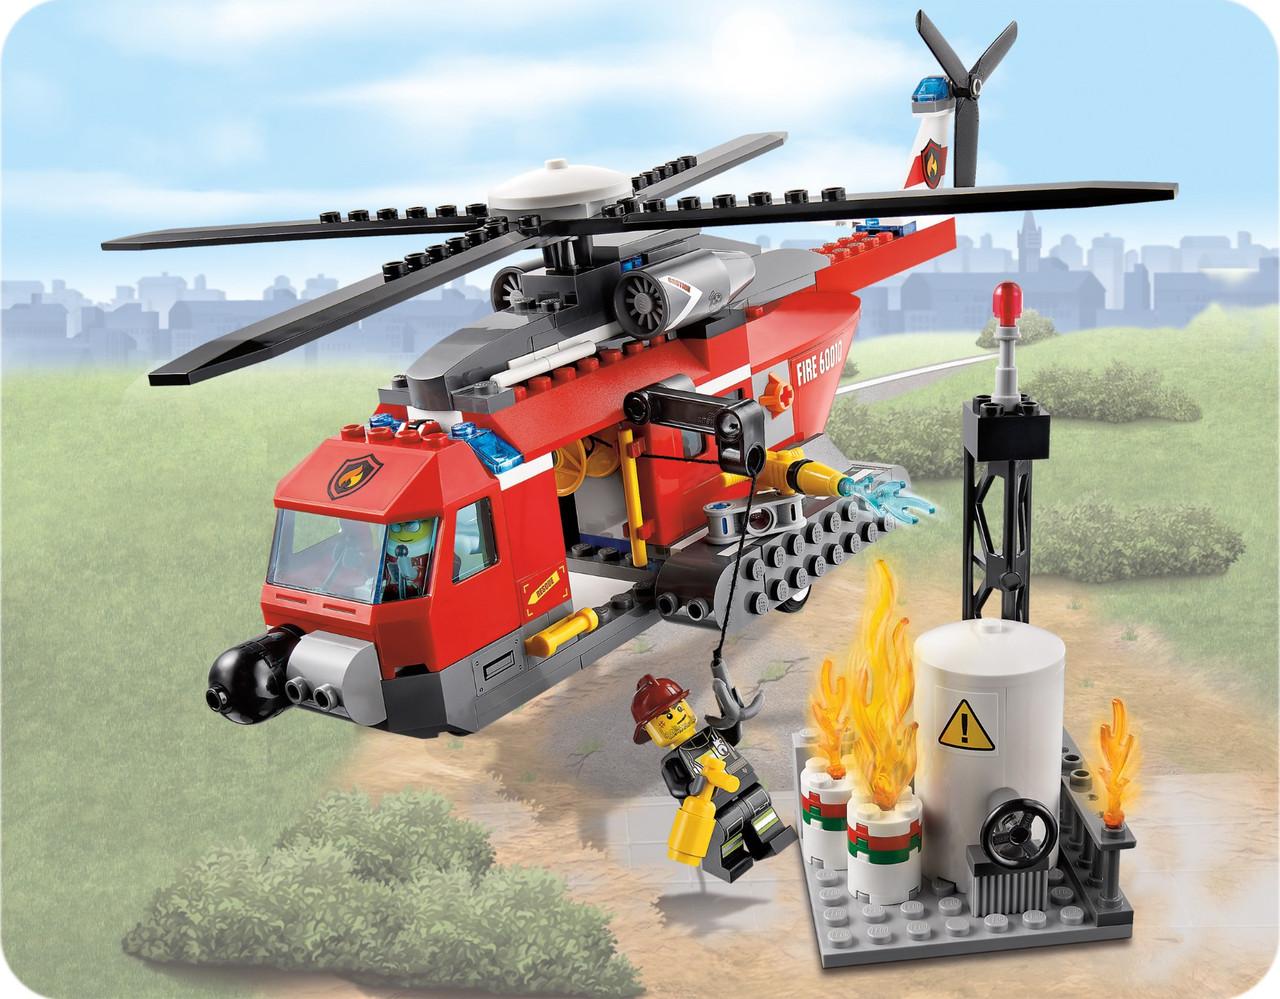 QL0218 Пожарный вертолет City Hero конструктор 252дет 33*23см